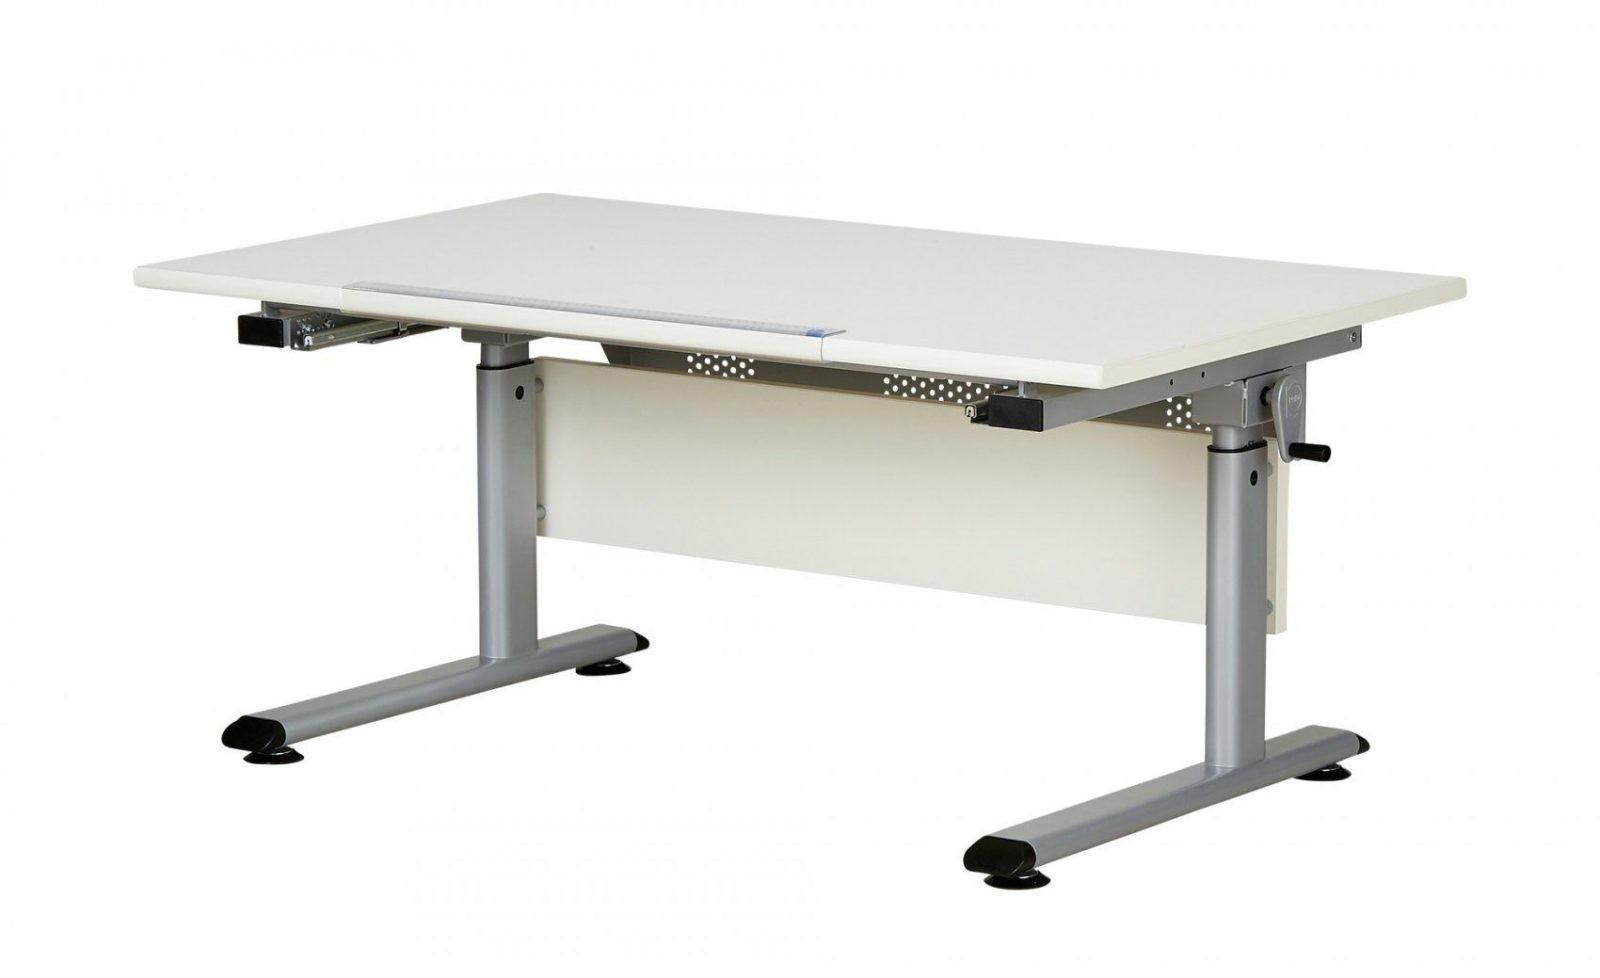 Paidi Schülerschreibtisch Marco 2  Weiß  Möbel Kraft von Paidi Schreibtisch Marco 2 Gt Bild